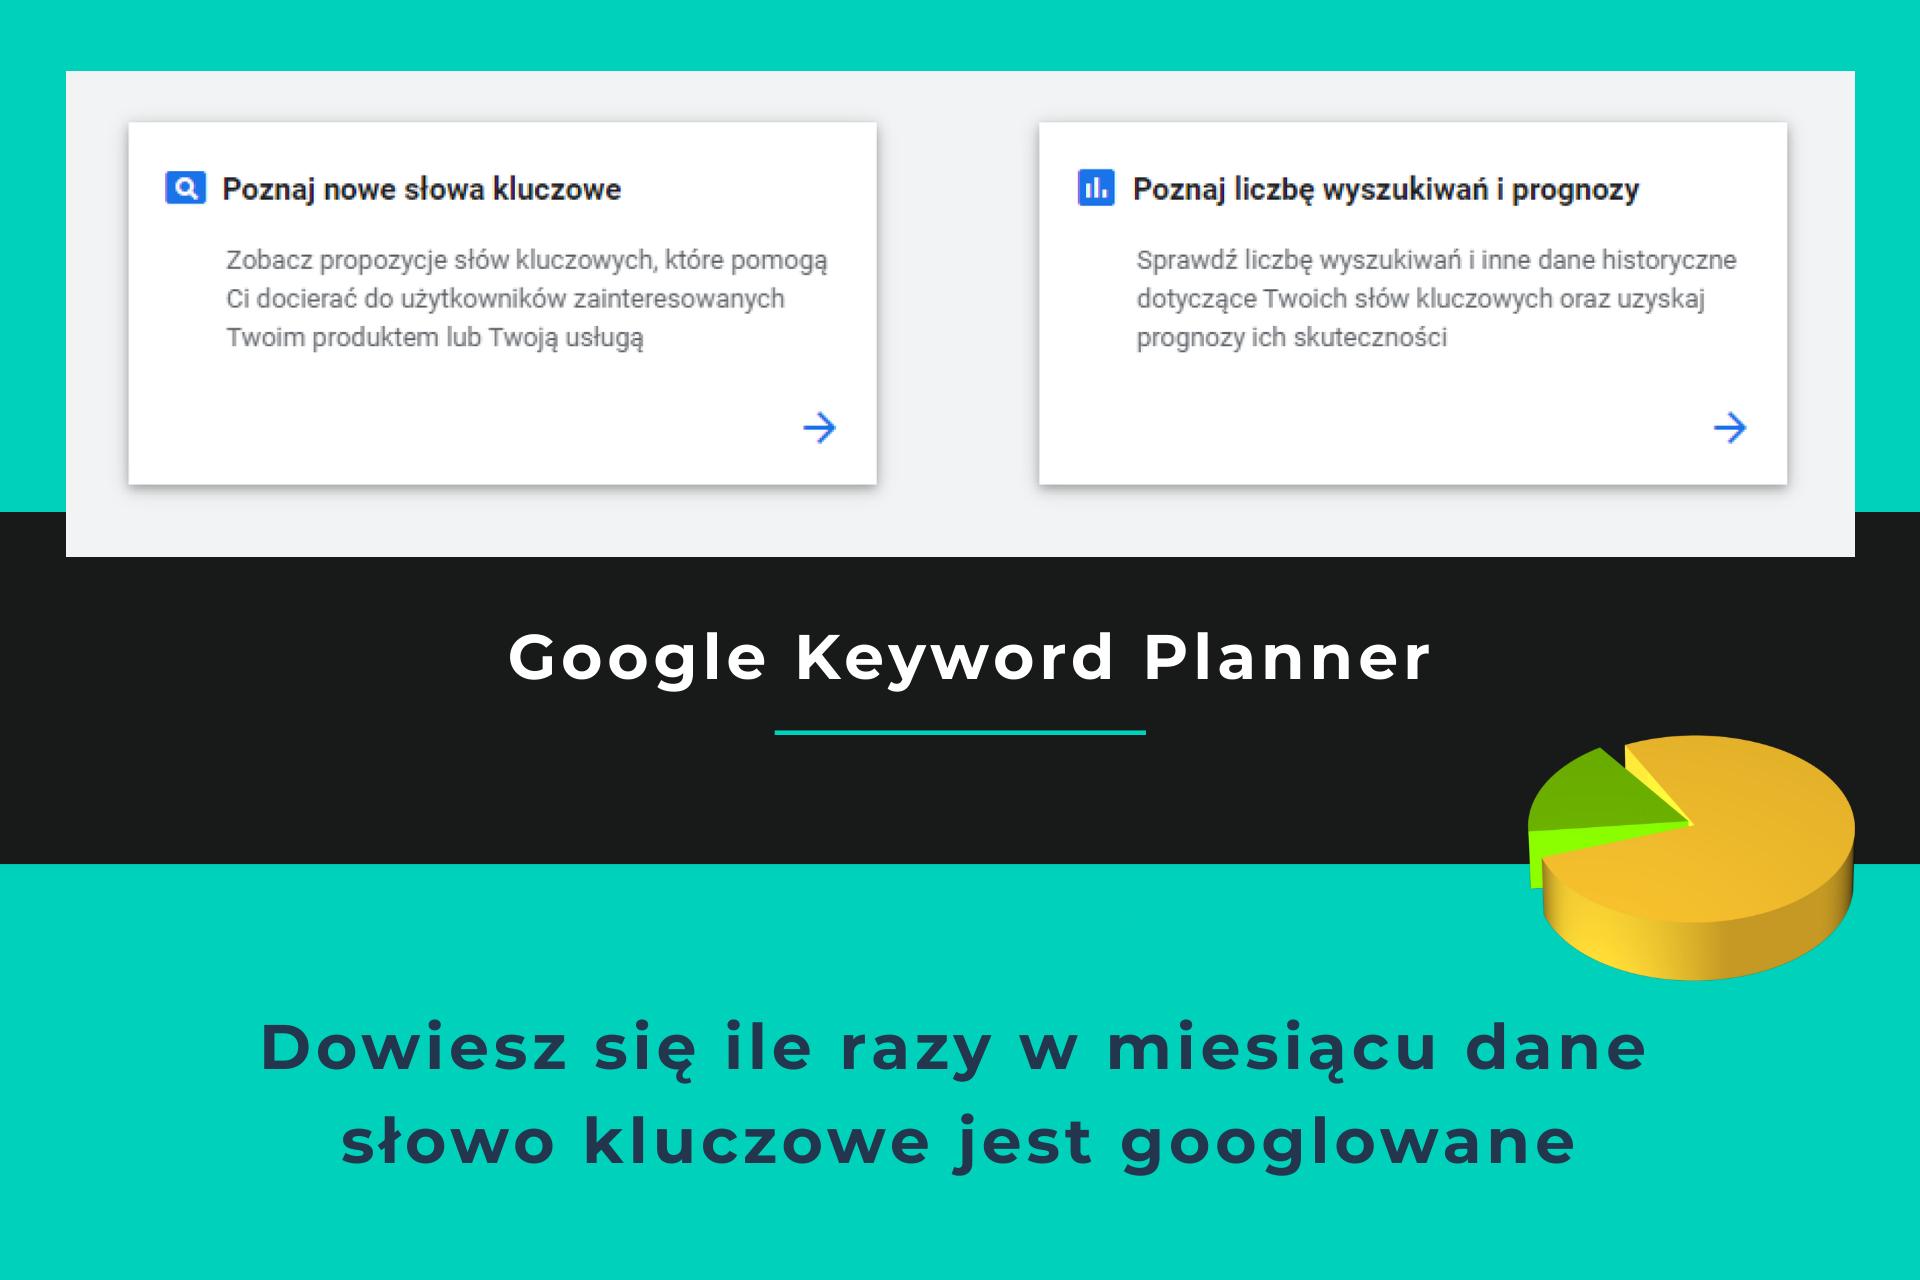 Co tojest google keyword planner